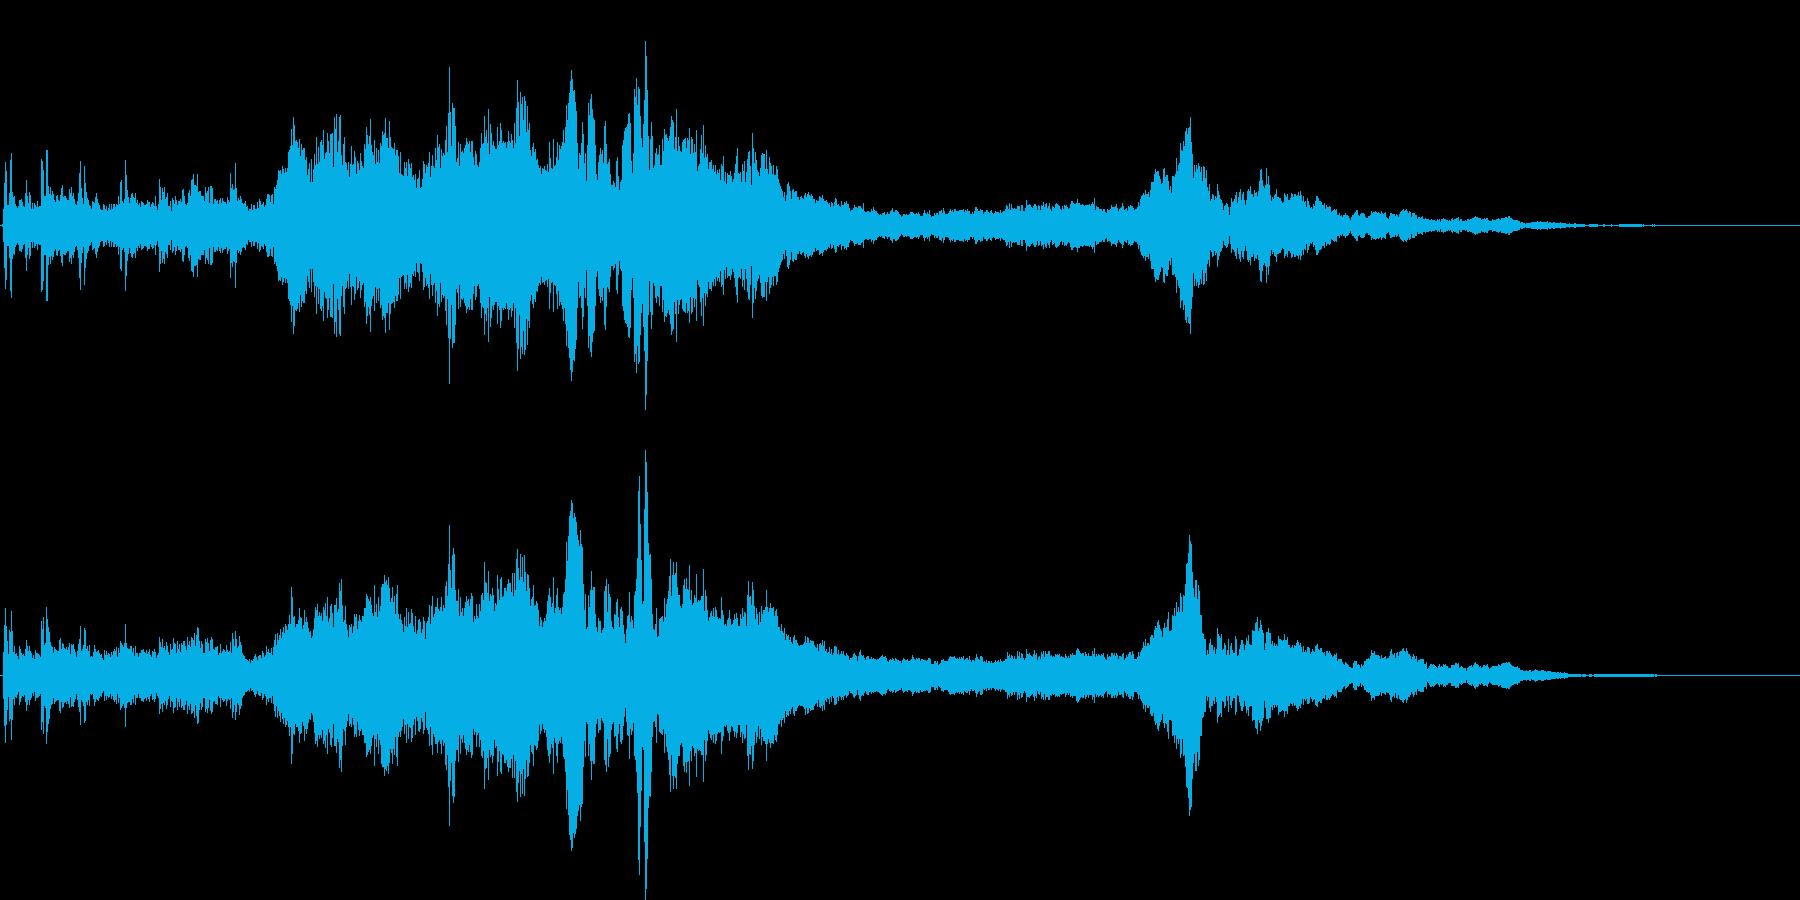 異空間がテーマのアイキャッチ音の再生済みの波形